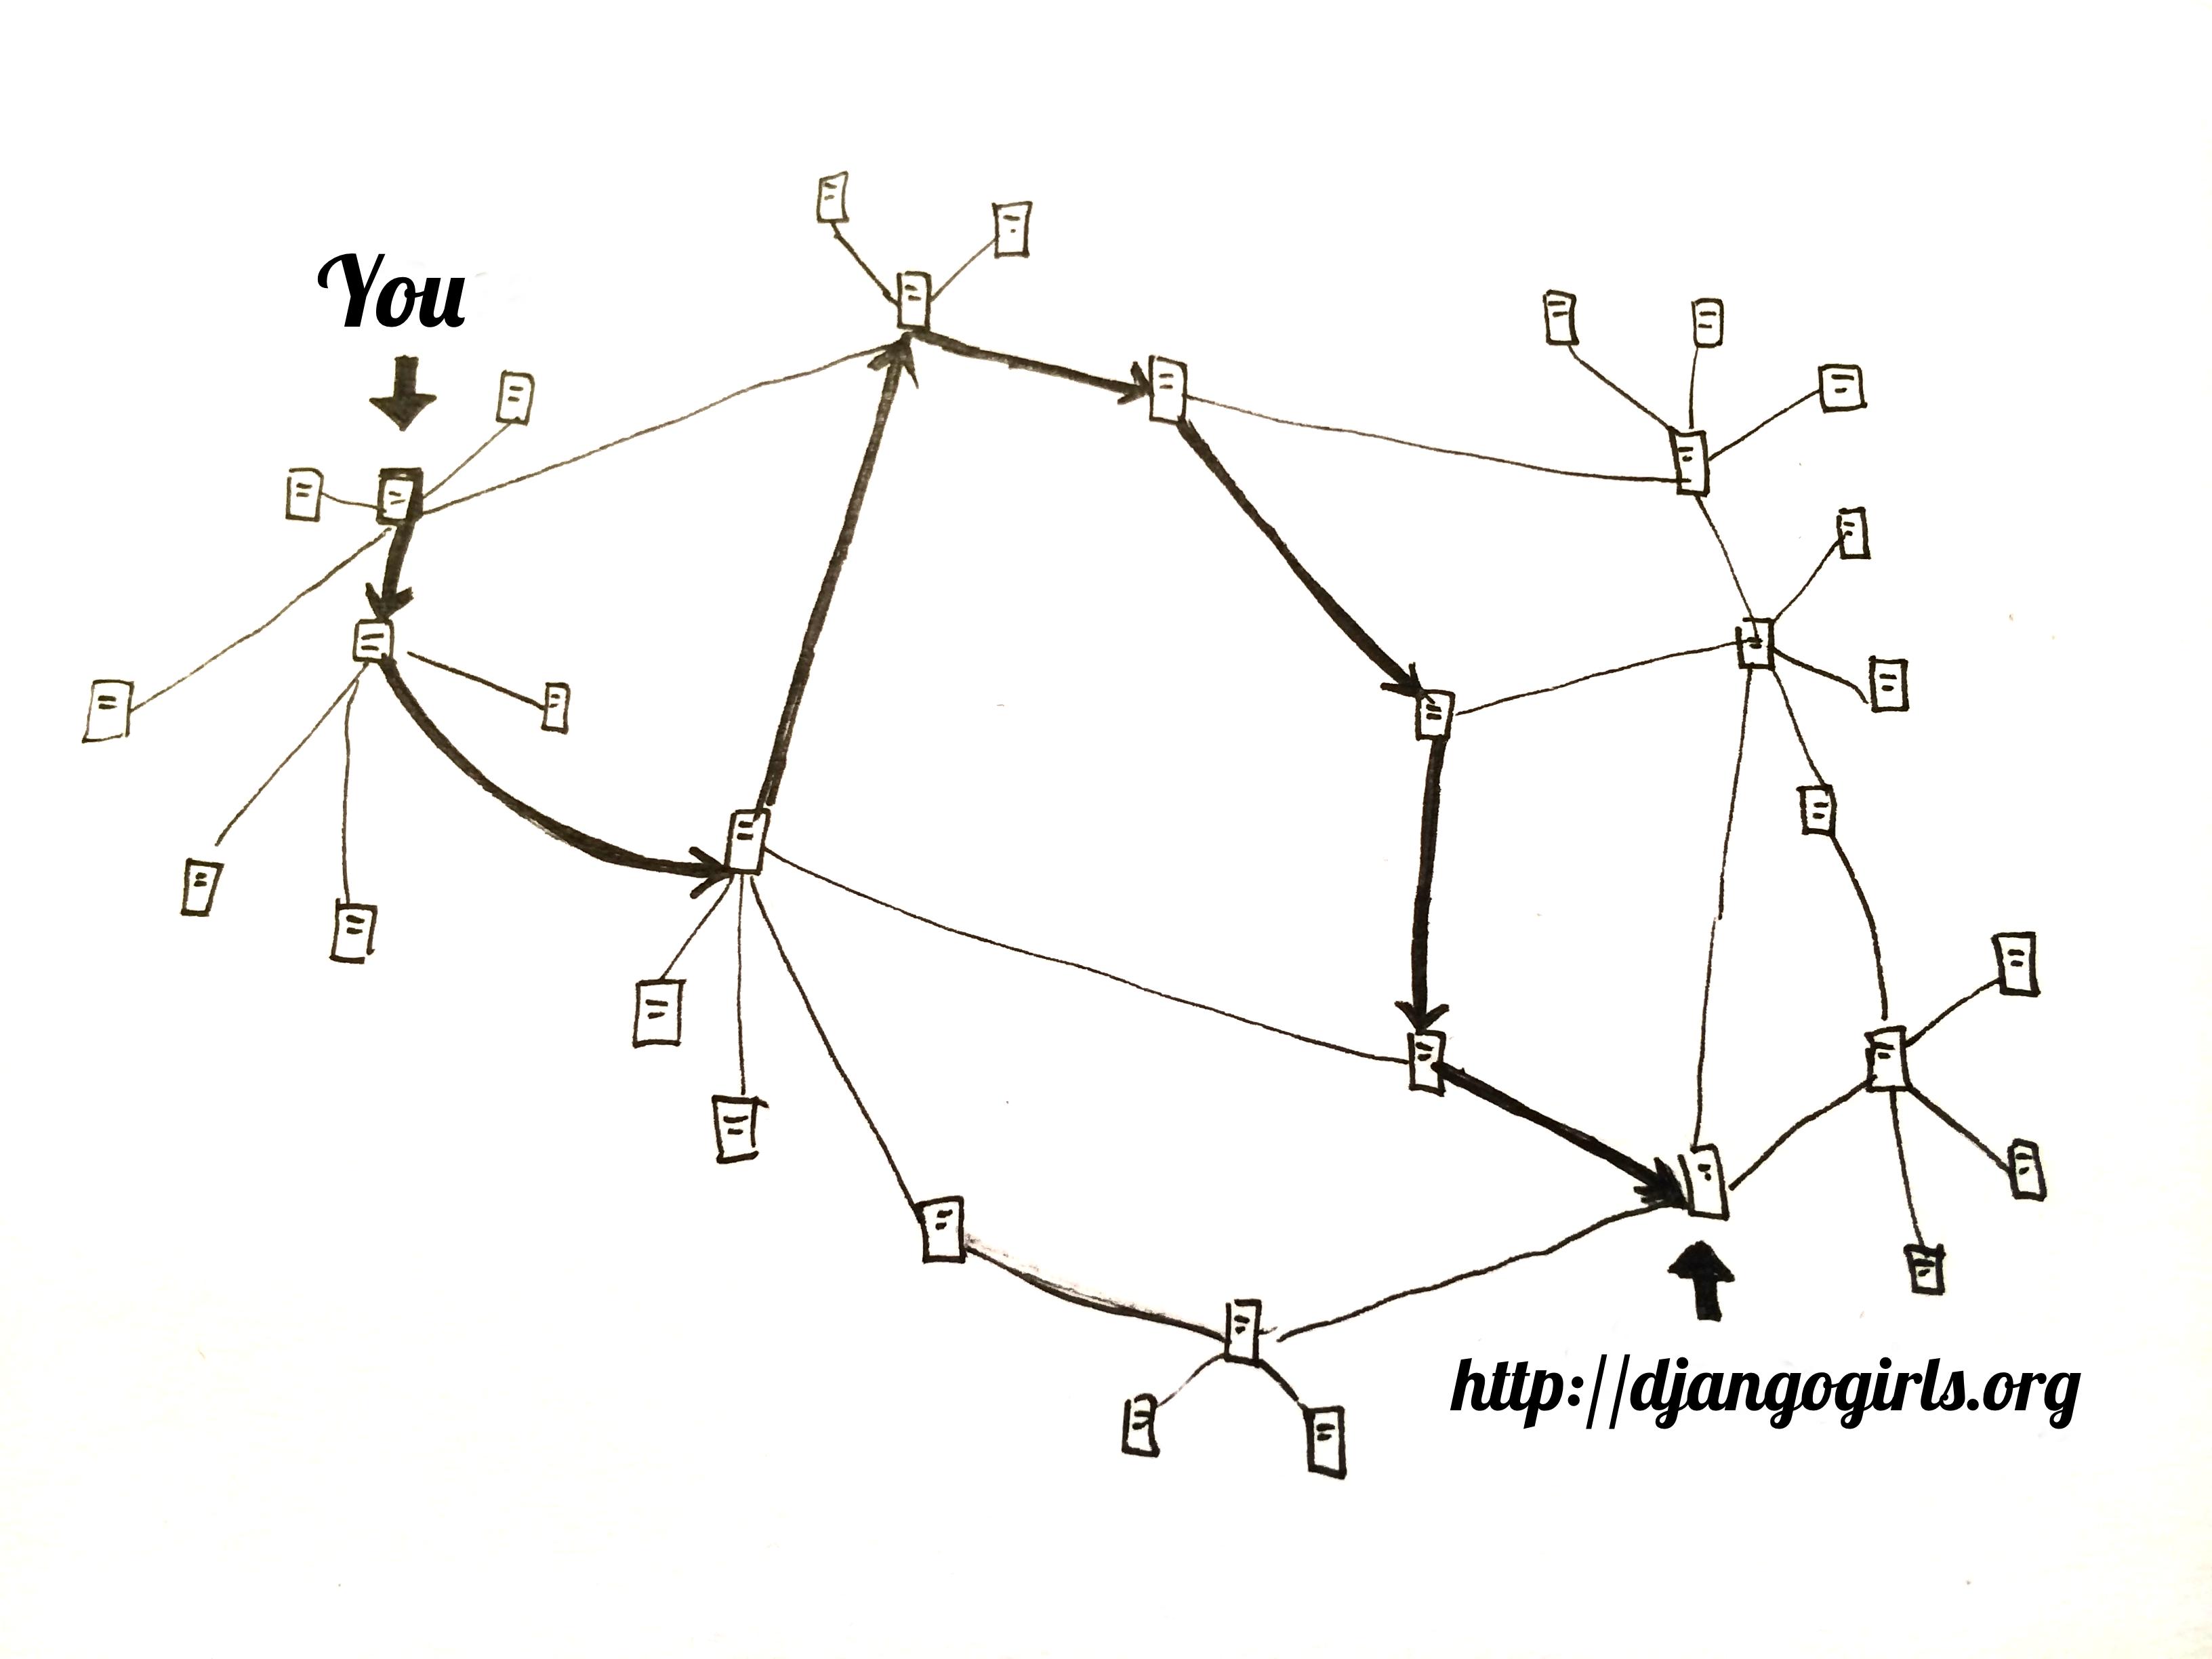 Jak vypadá internet